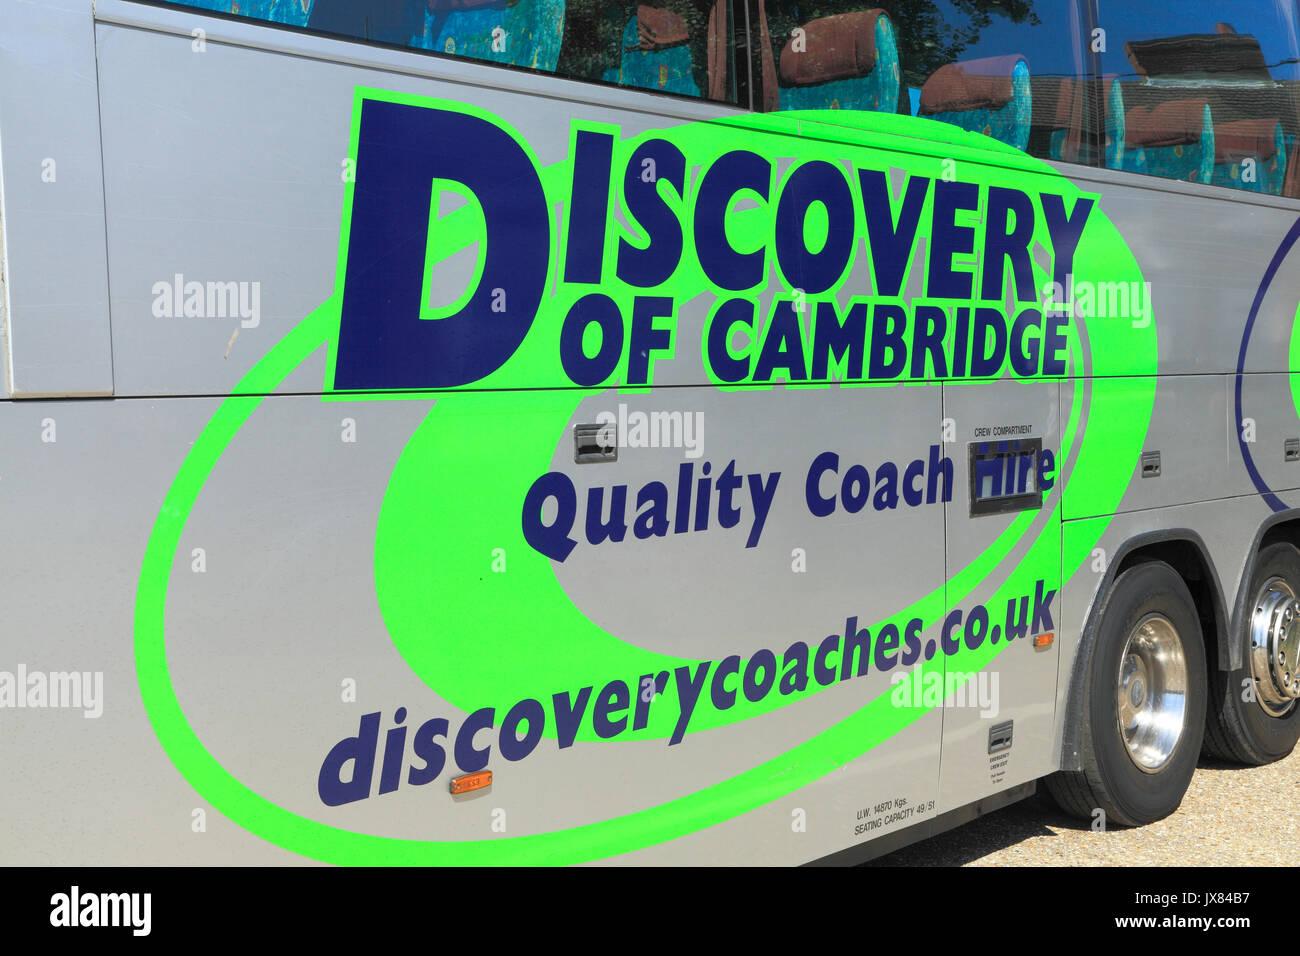 Descubrimiento de Cambridge, coach, entrenadores, día de viaje, viajes, excursiones, excursiones, viajes, transportes, operador, operadores, Inglaterra, Reino Unido. Imagen De Stock